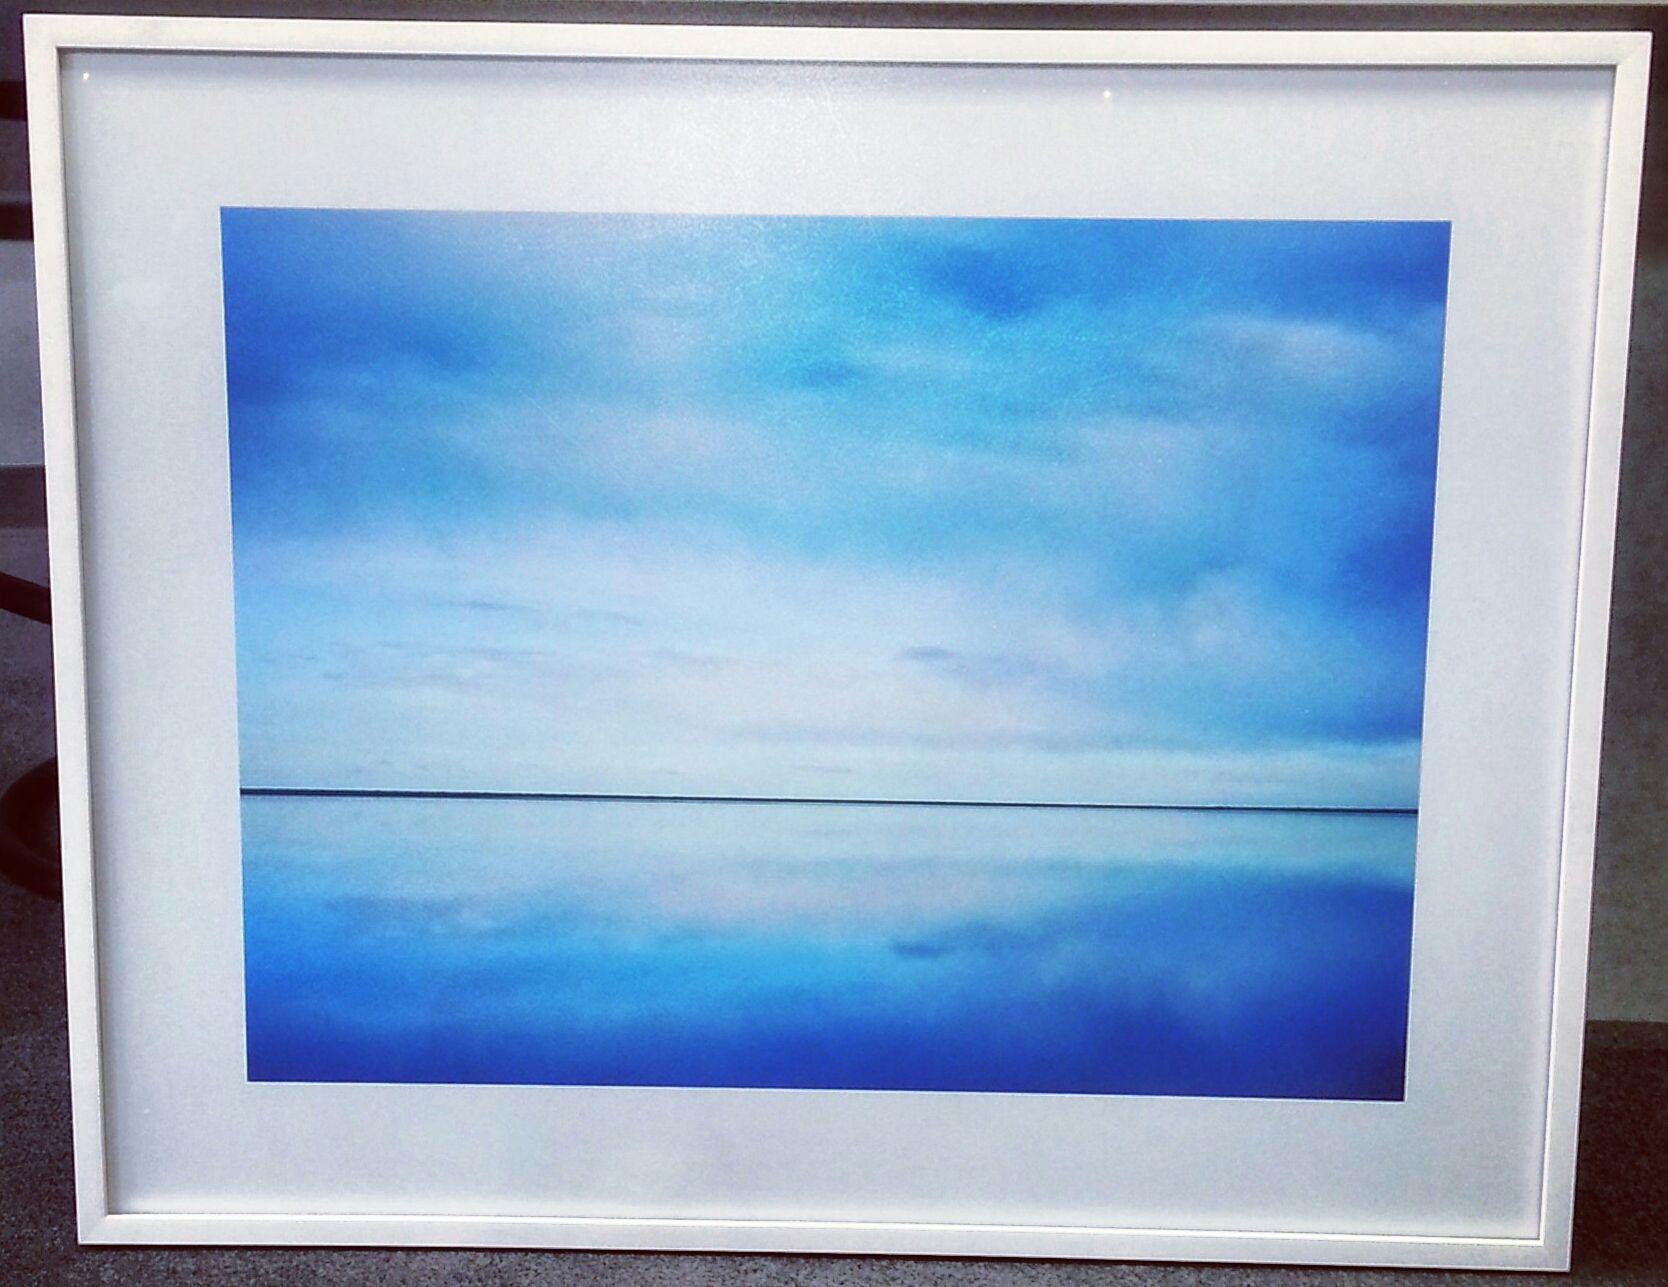 White frame + white mat + museum glass = modern. #art #framing ...